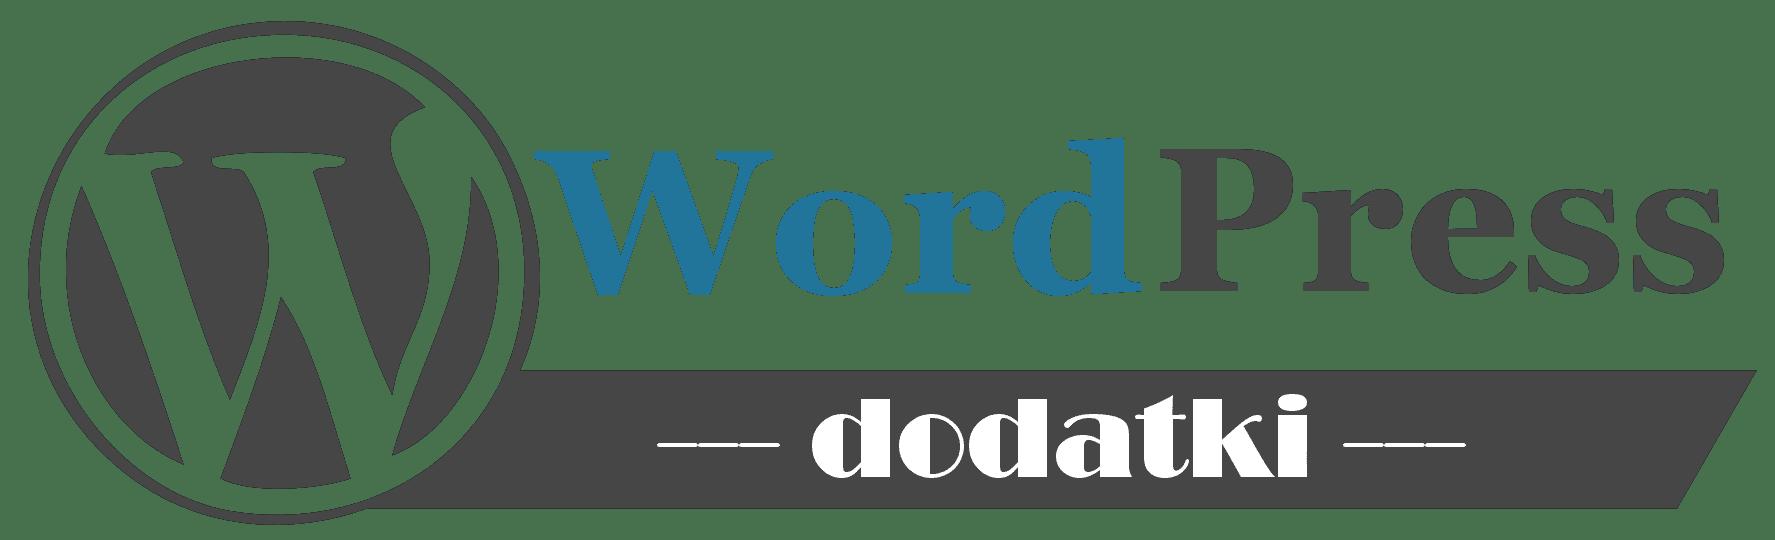 DodatkiWordPressa